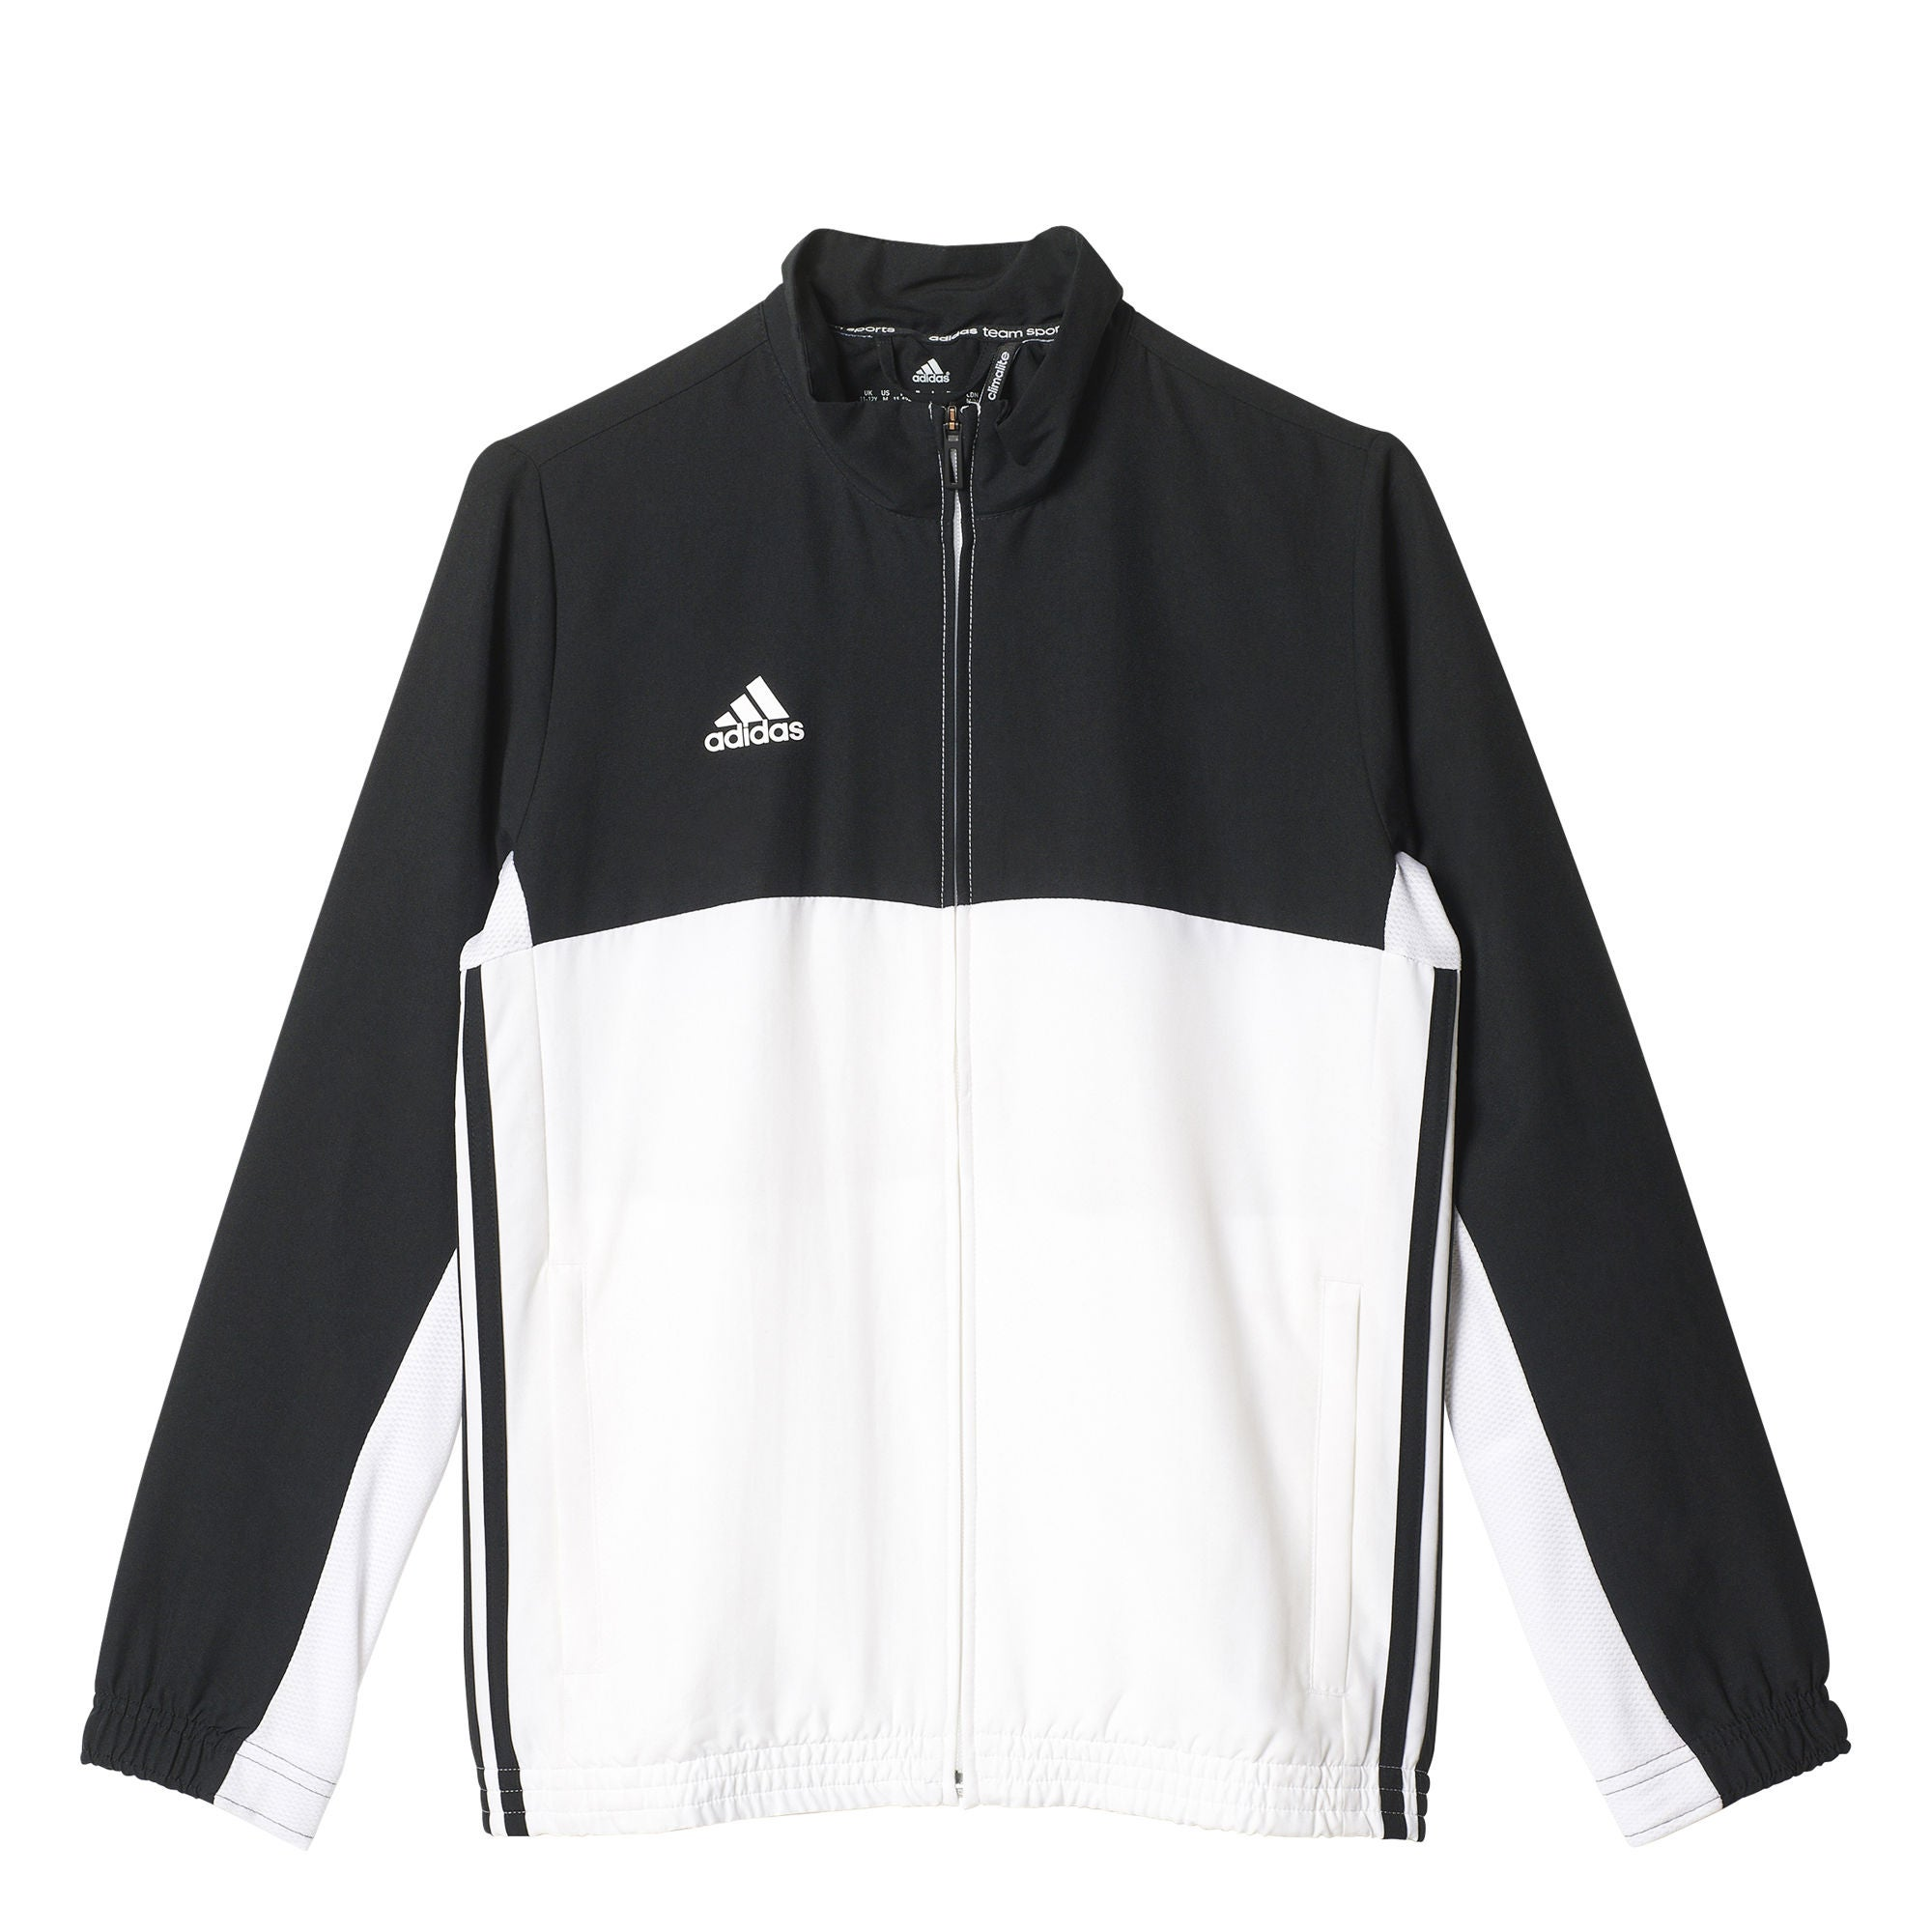 Kaufen Adidas T16 Team Jacket Y Trainingsjacke, Black